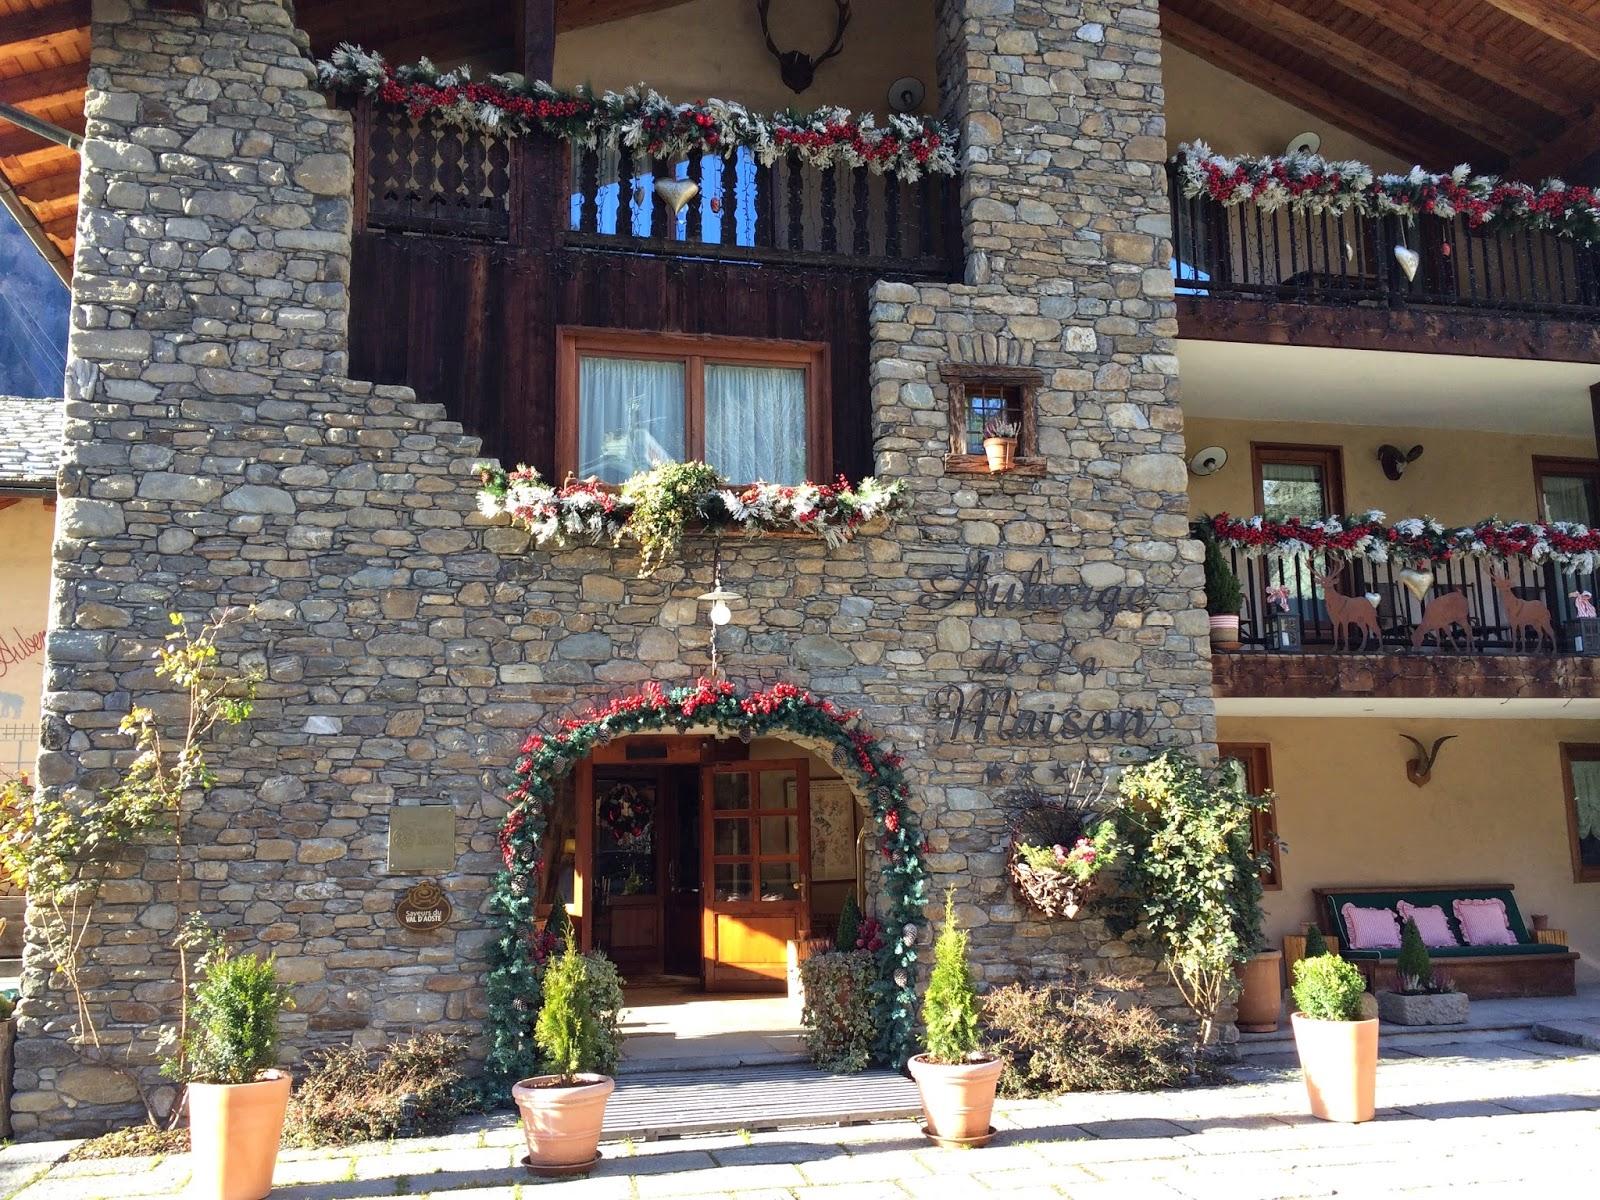 Auberge de la maison montagna incantata fourfancy magazine for Auberge la maison courmayeur